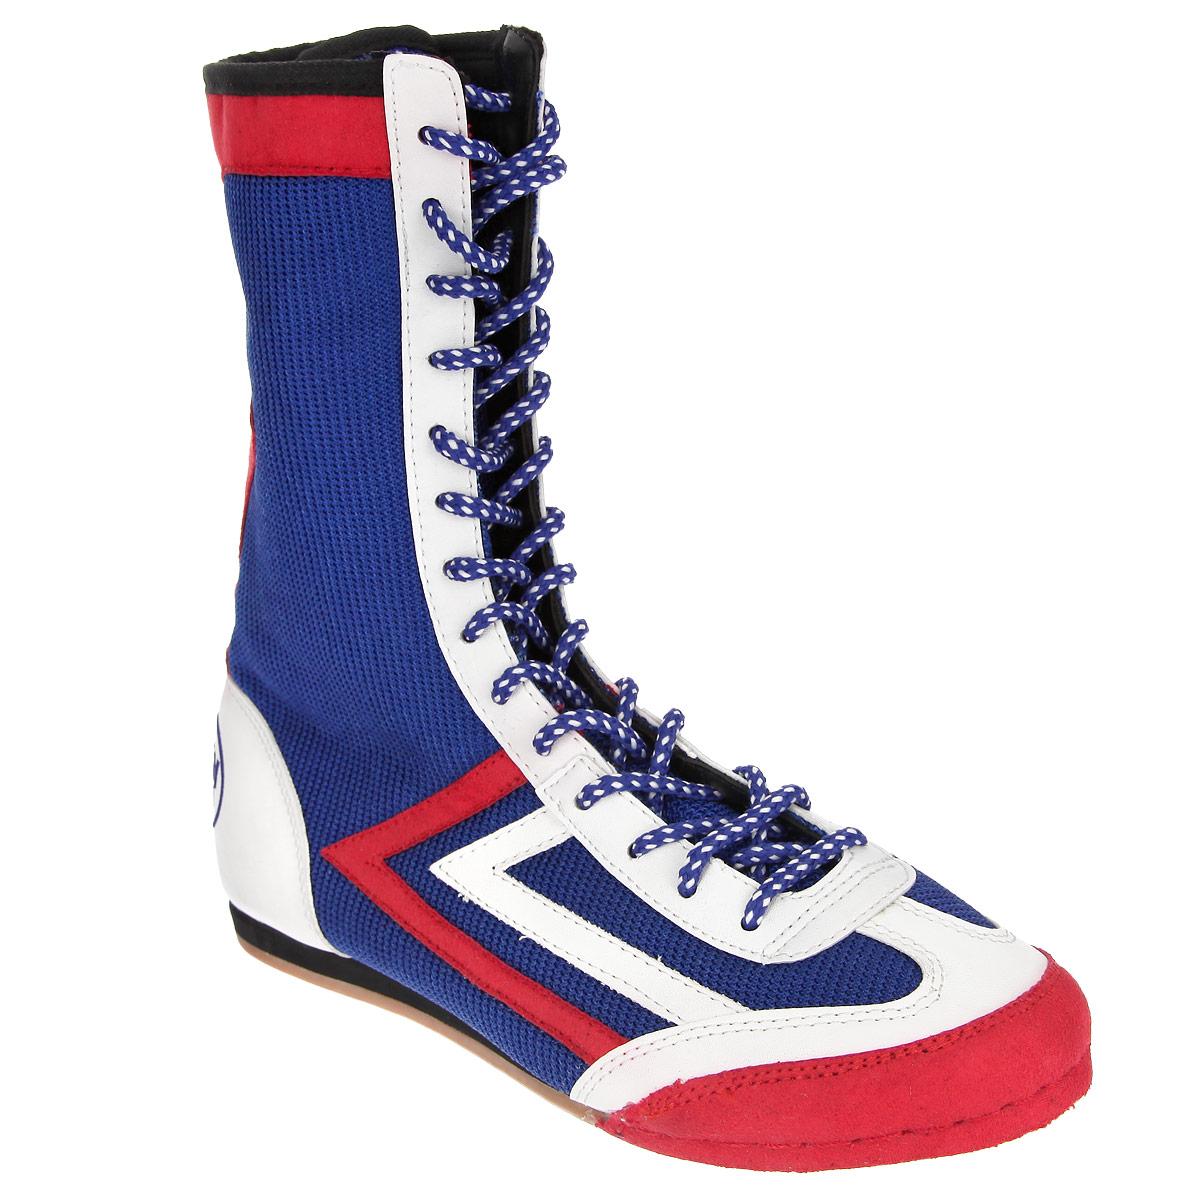 Боксерки Green Hill, цвет: синий. BS-5076a. Размер 45BS-5076Классическиебоксерки от Green Hill предназначены для занятий боксом. Модель, выполненная из дышащего текстиля со вставками из искусственной кожи и замши, оформлена названием бренда. Уплотненный задник и шнуровка обеспечивают надежную фиксацию обуви на ноге. Высокое голенище - для дополнительной защиты от ударов. Подошва с противоскользящим рифлением гарантирует идеальное сцепление с любой поверхностью. Стелька EVA с текстильной поверхностью обеспечивает превосходную амортизацию и комфорт.В таких боксерках вашим ногам будет максимально комфортно.